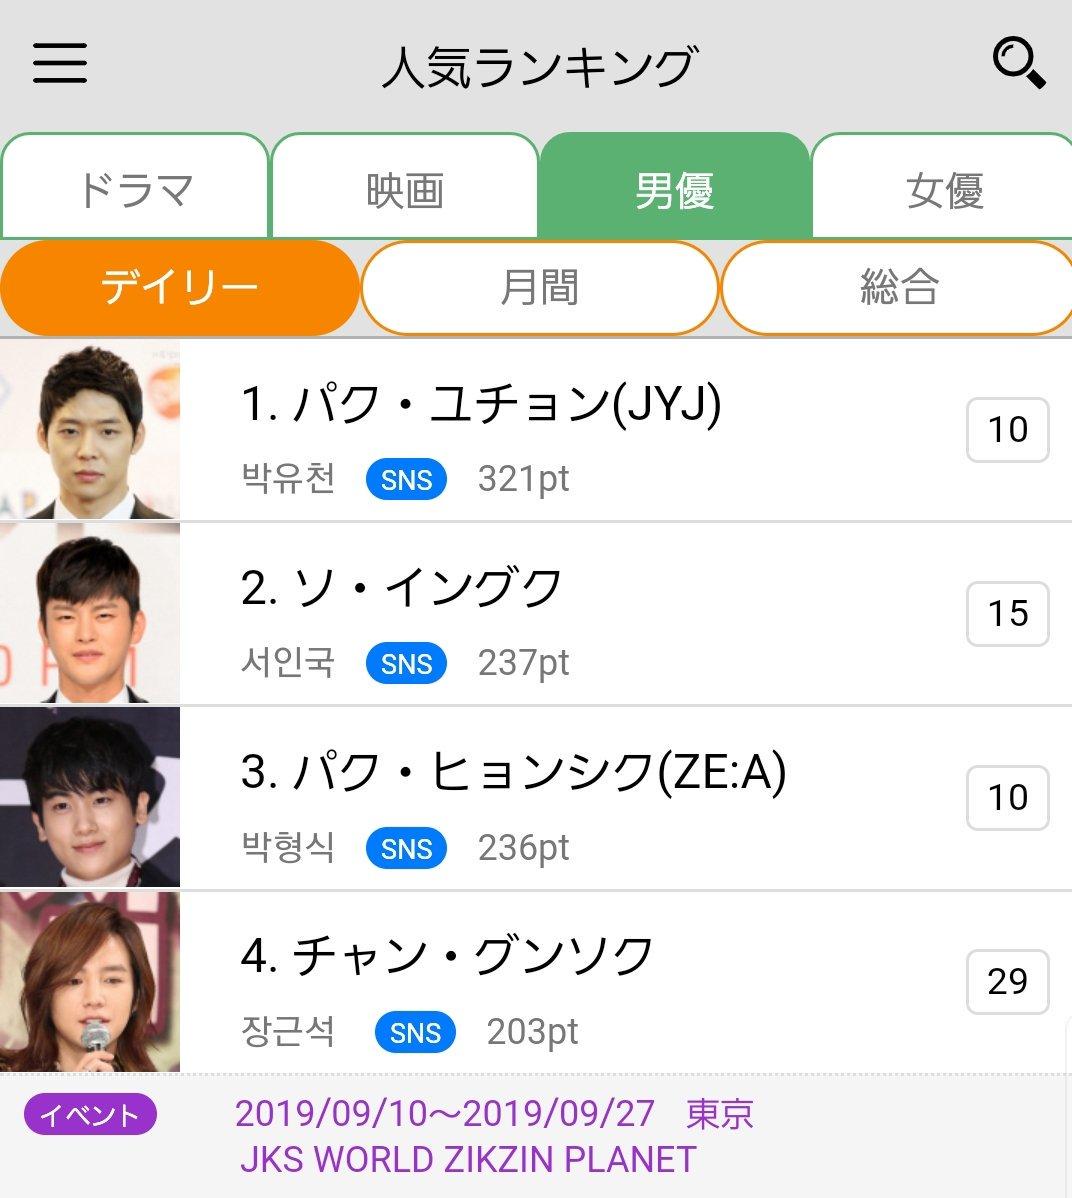 おはよういつも RT ポチッ💓 ありがとうね韓ドラ大辞典の人気投票今日もグンちゃんへの投票 頑張りましょうね(๑•̀ㅂ•́)و✧韓ドラ大事典 Android iPhone  #チャン・グンソク#グンちゃん#スイッチ